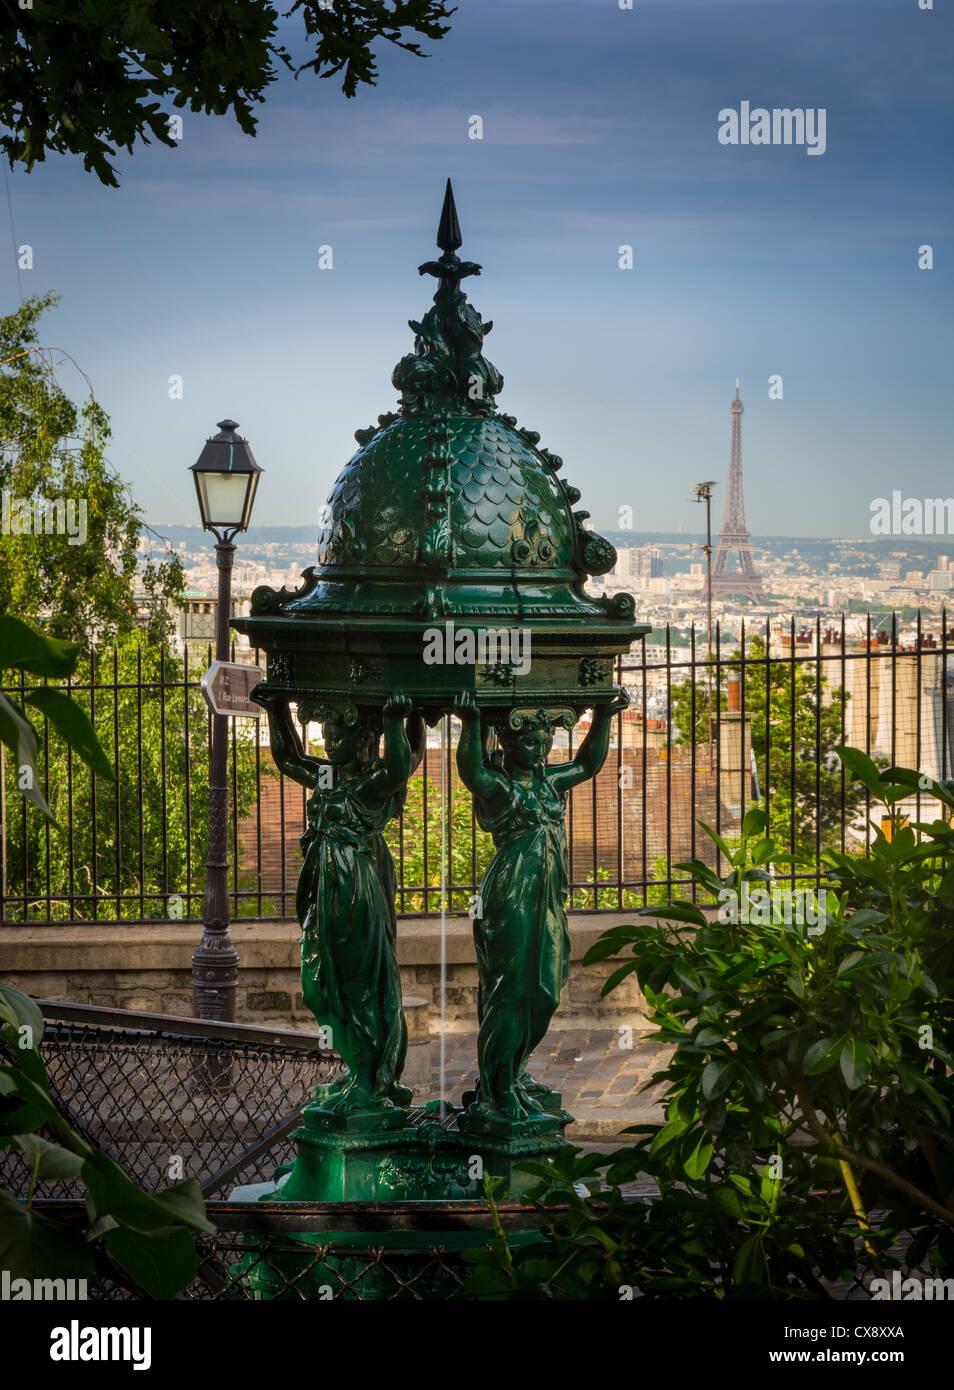 Schöne öffentliche Trinkbrunnen auf der Butte Montmartre in Paris, Frankreich Stockbild